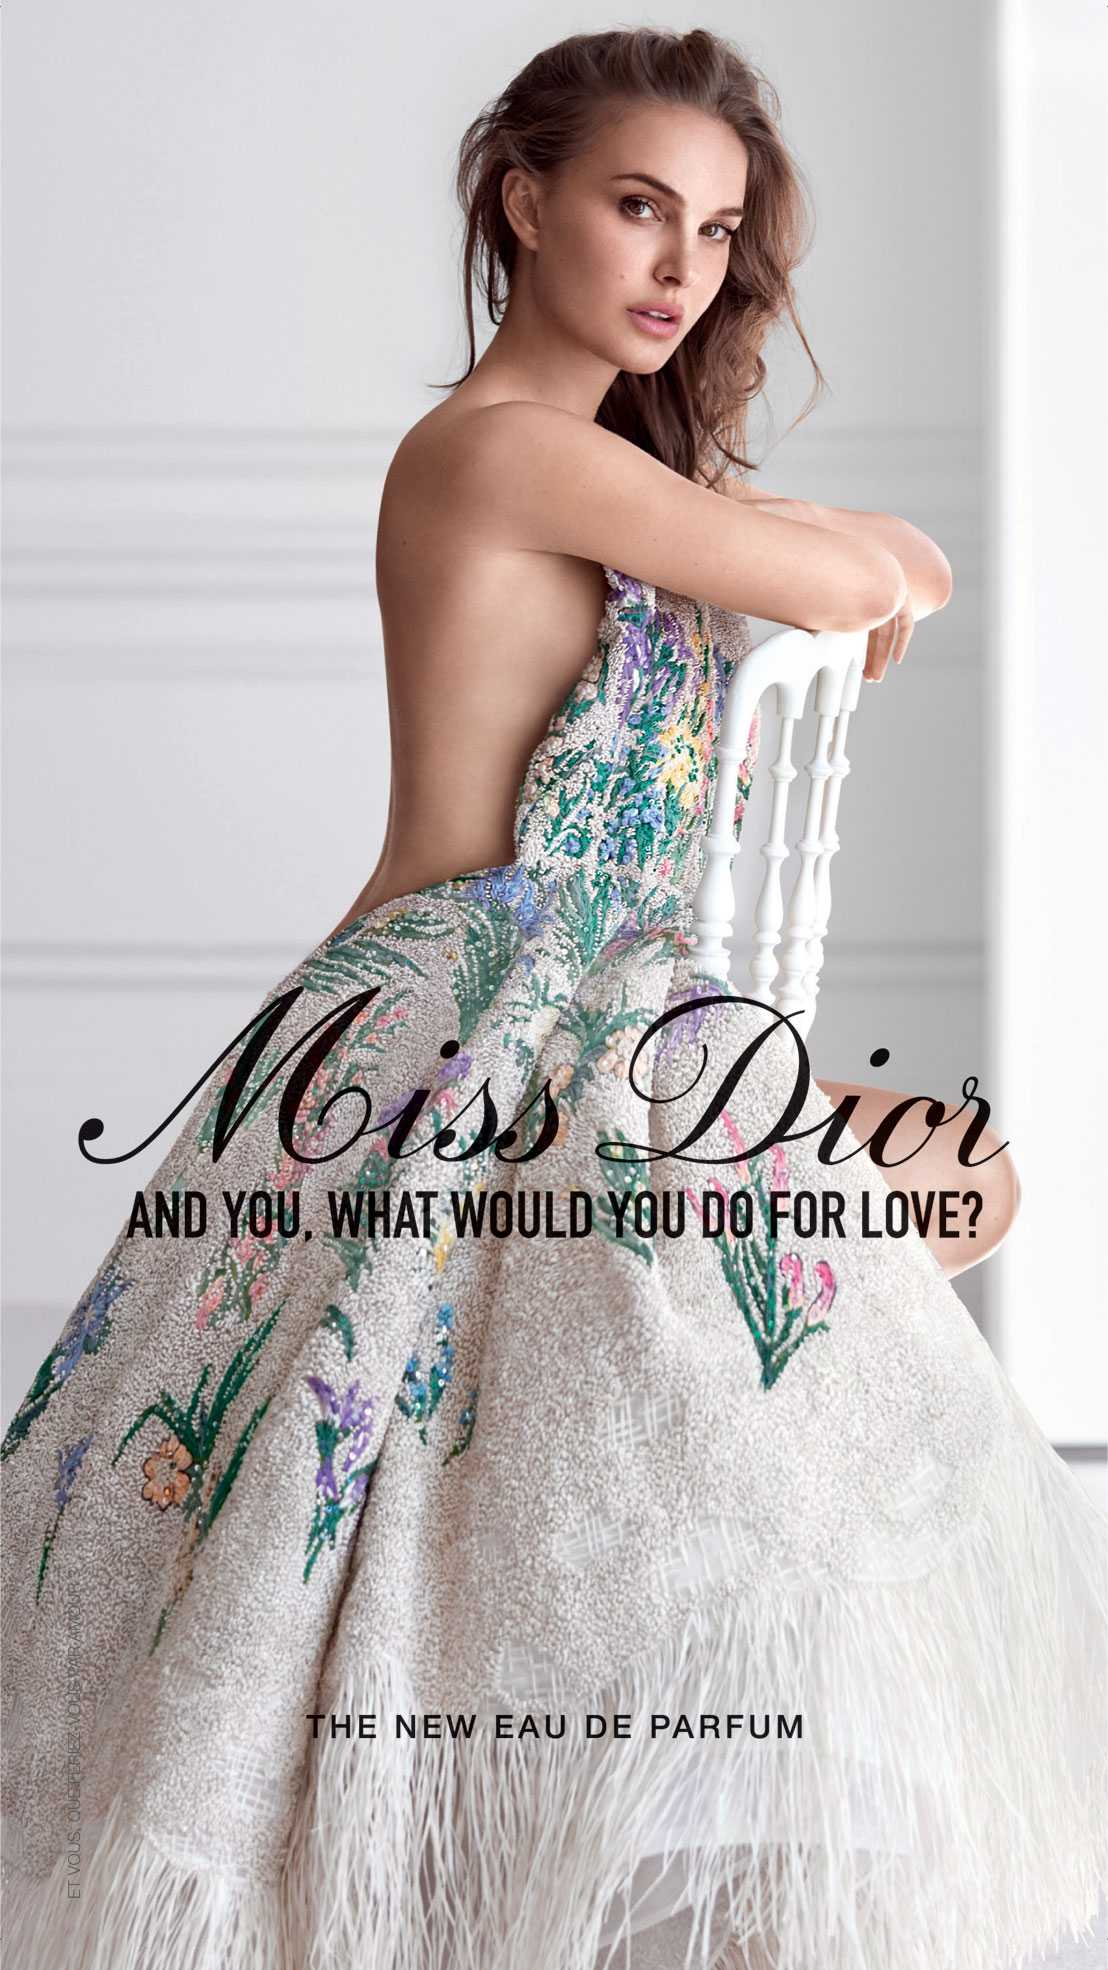 Natalie (Miss Dior)